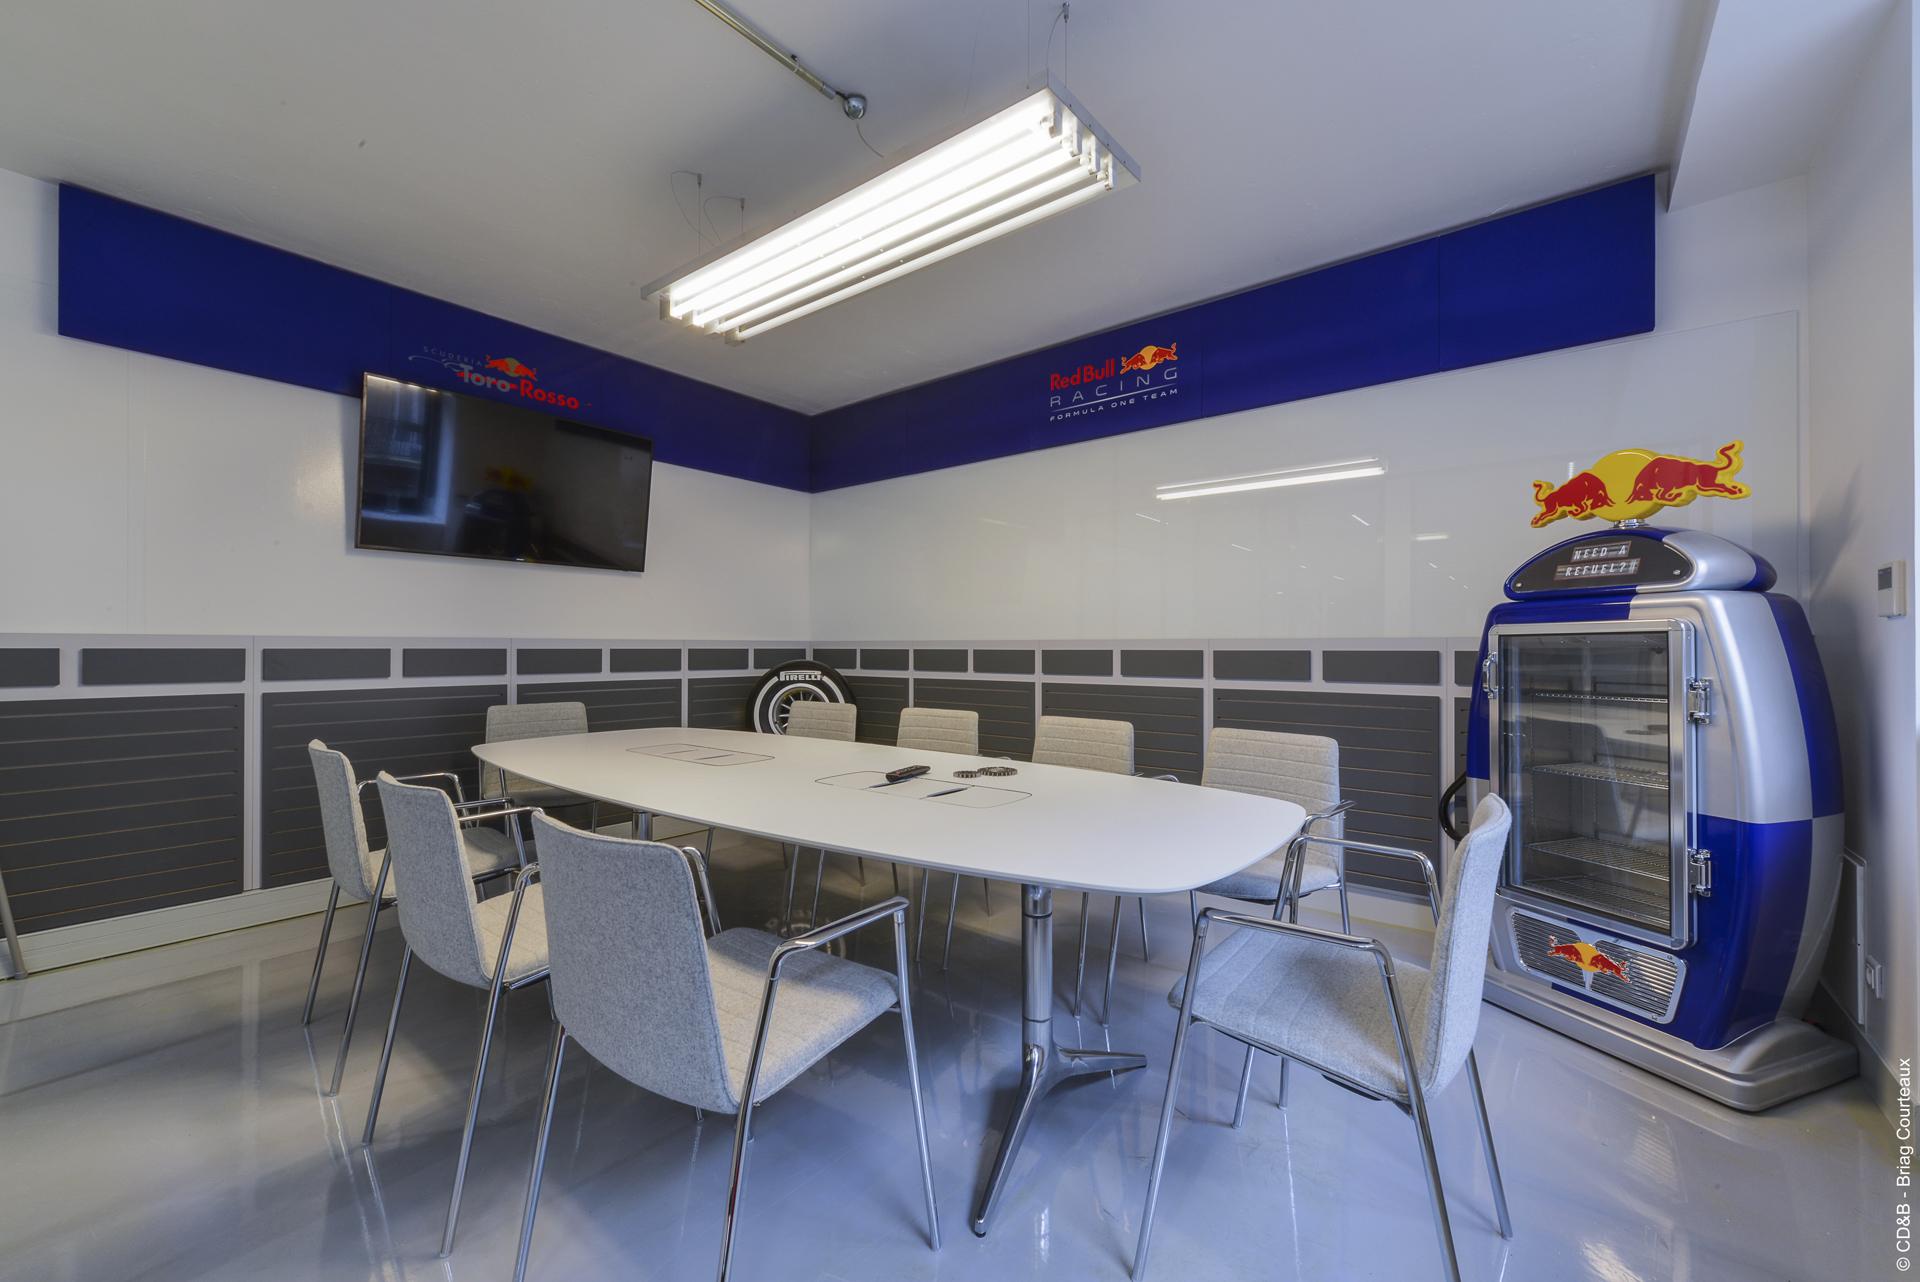 Conseil, aménagement, conception et réalisation des espaces de la société Red Bull par CDB, Meet you there.